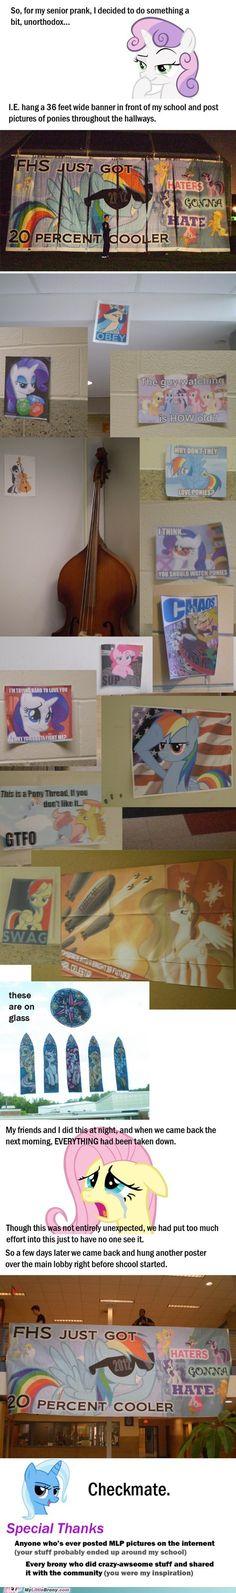 my little pony, friendship is magic, brony - Pranking Done Right hahhahahahahaha